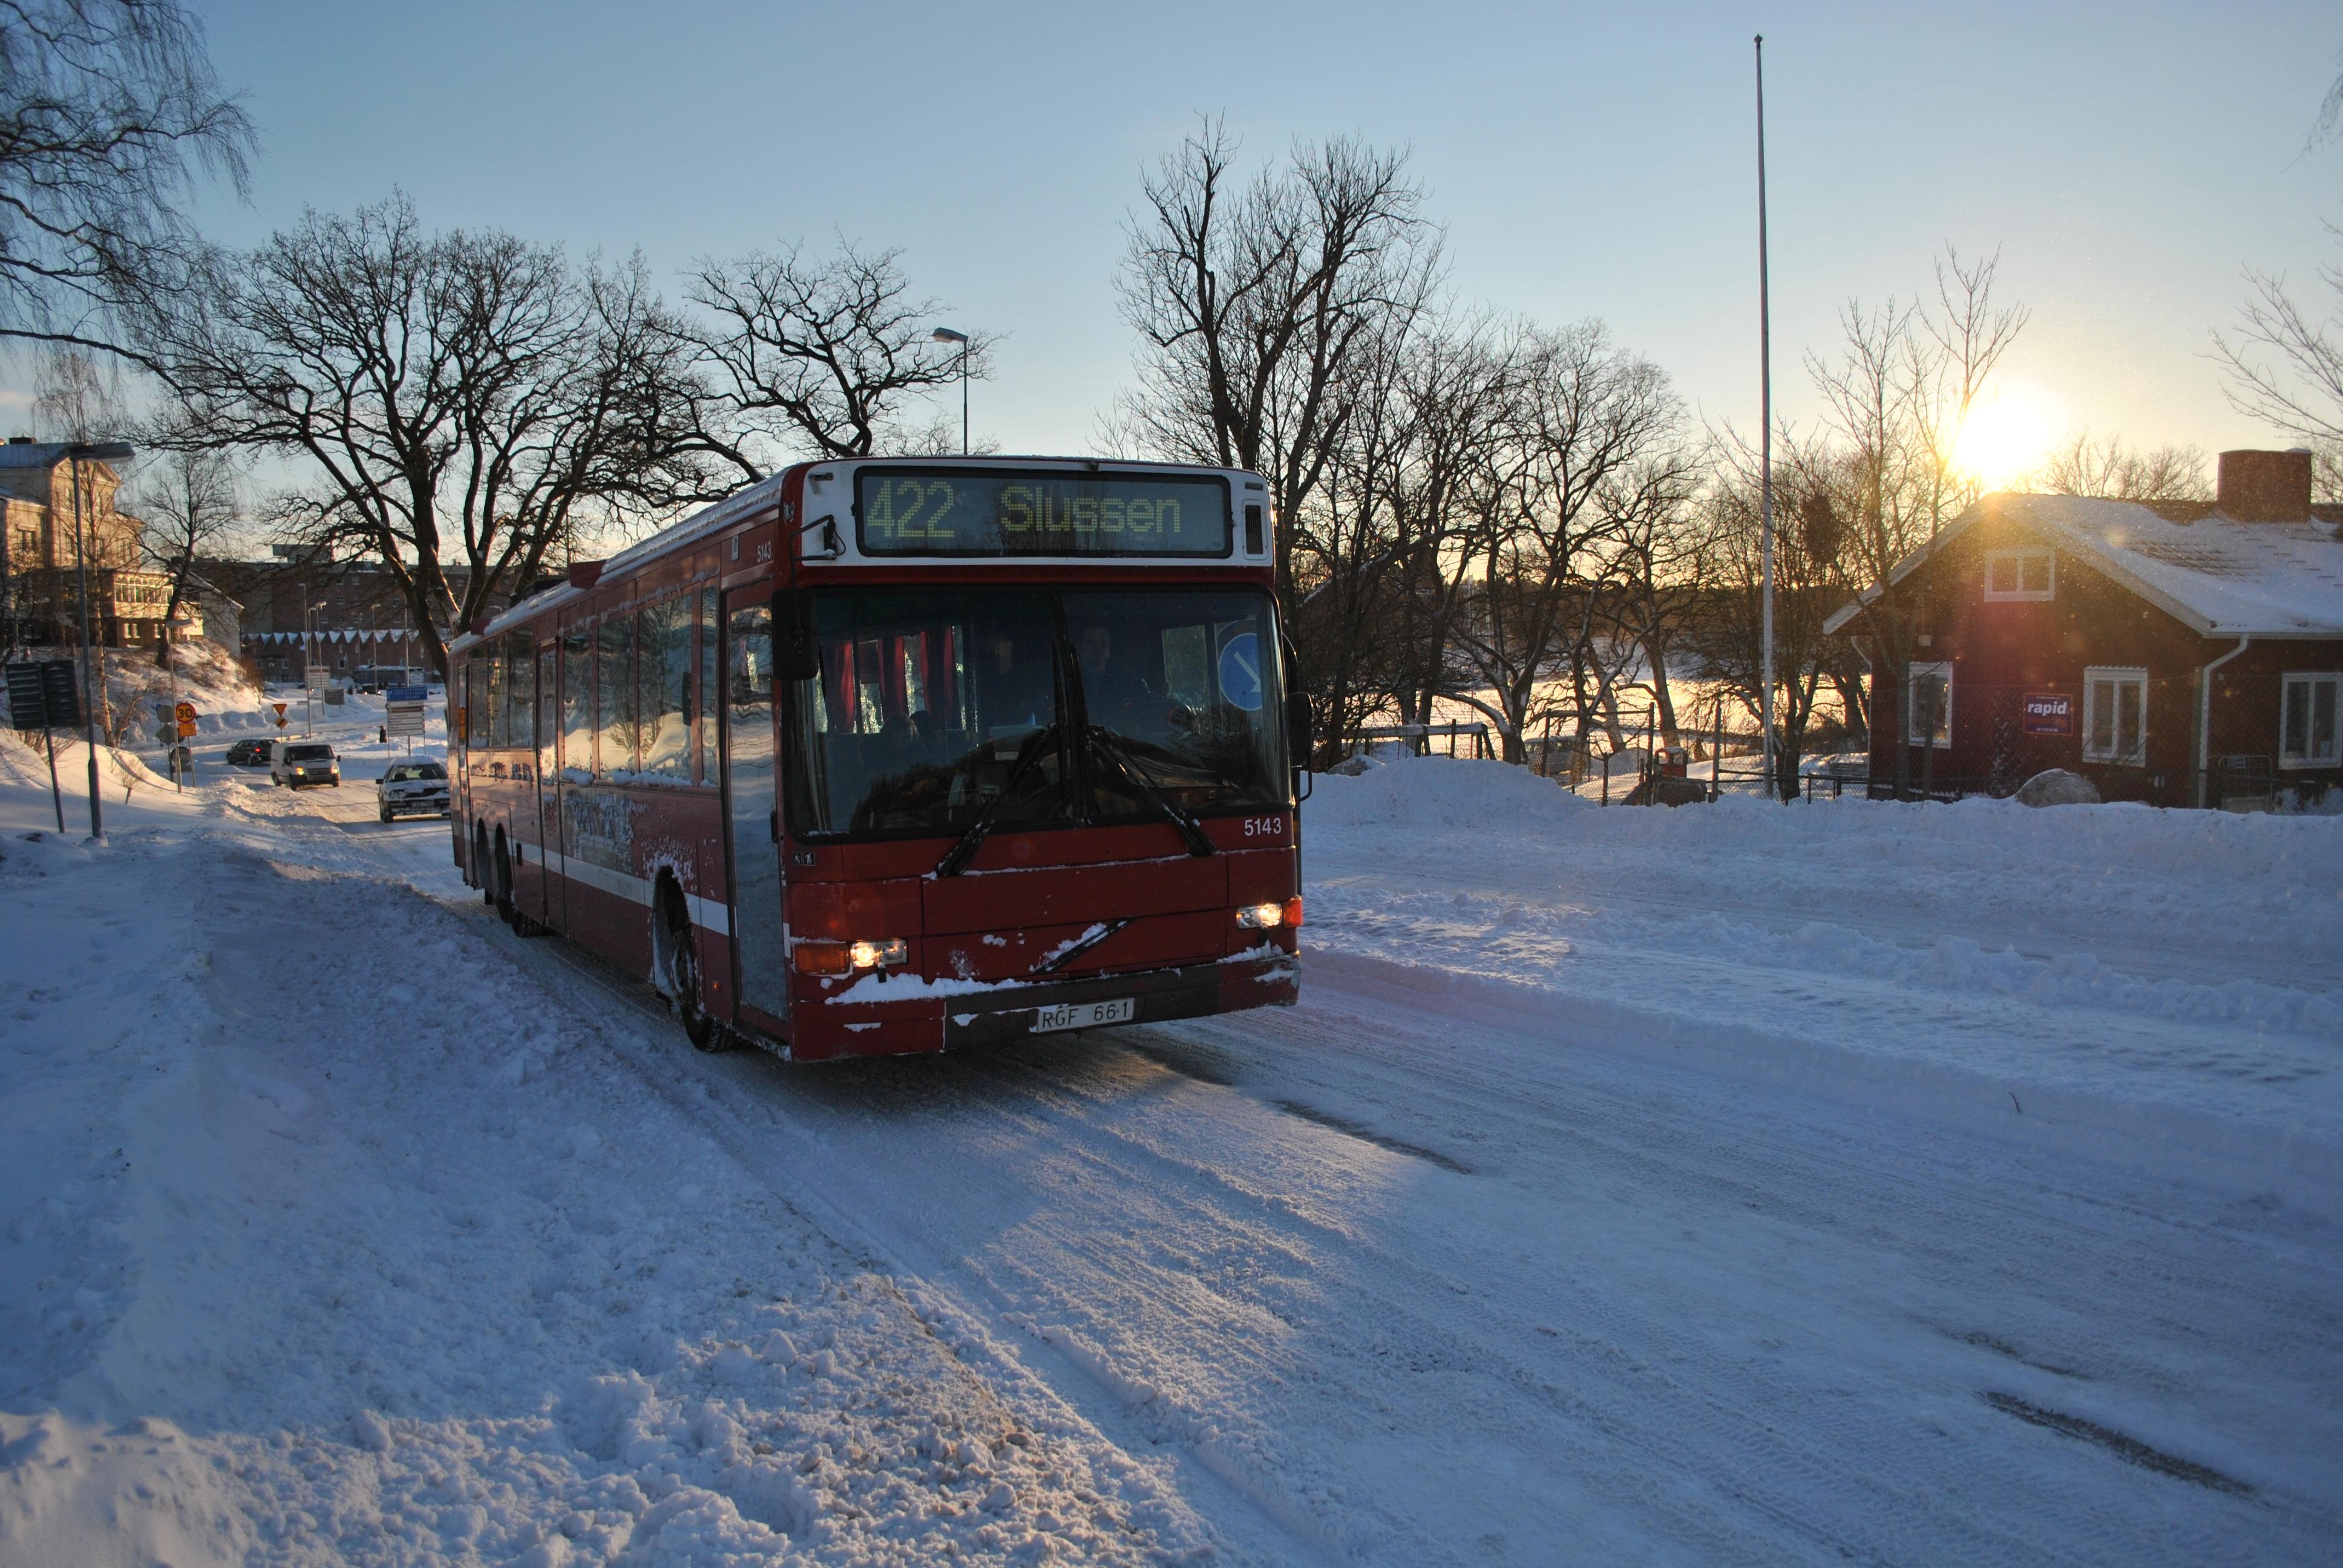 vinter-i-gustavsberg-2011-133